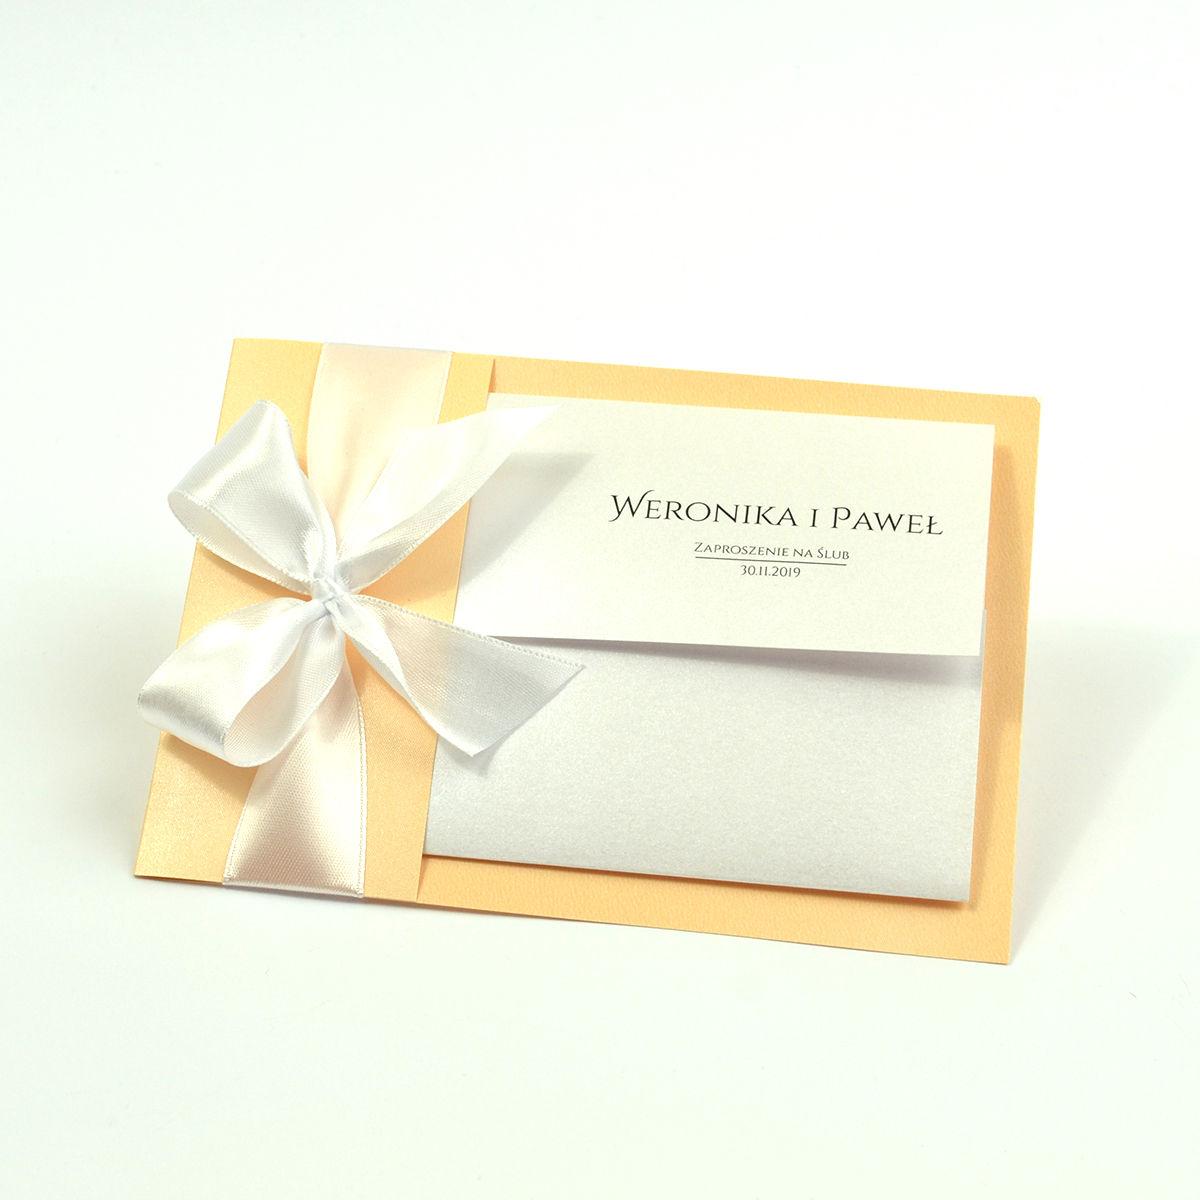 Ciekawe w formie eleganckie zaproszenia ślubne z wkładanym wnętrzem, białą wstążką oraz okładką z papieru w tym samym kolorze. ZAP-73-12